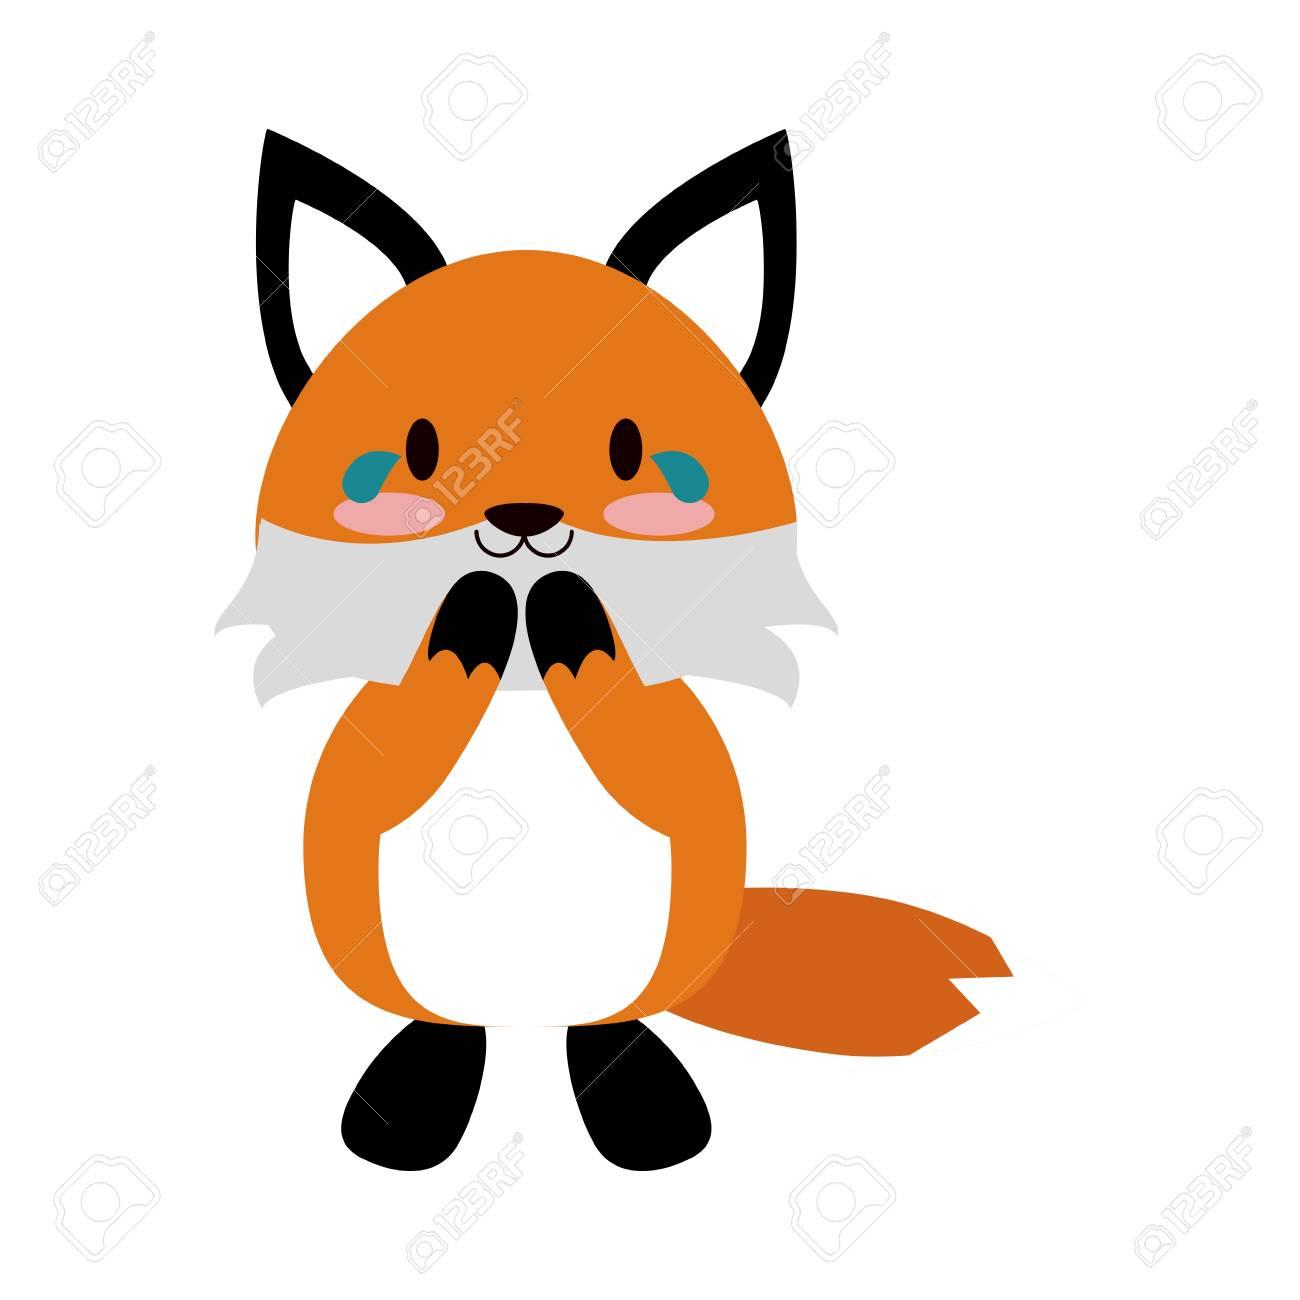 キツネかわいい動物漫画アイコン画像ベクトル イラスト デザインを泣い